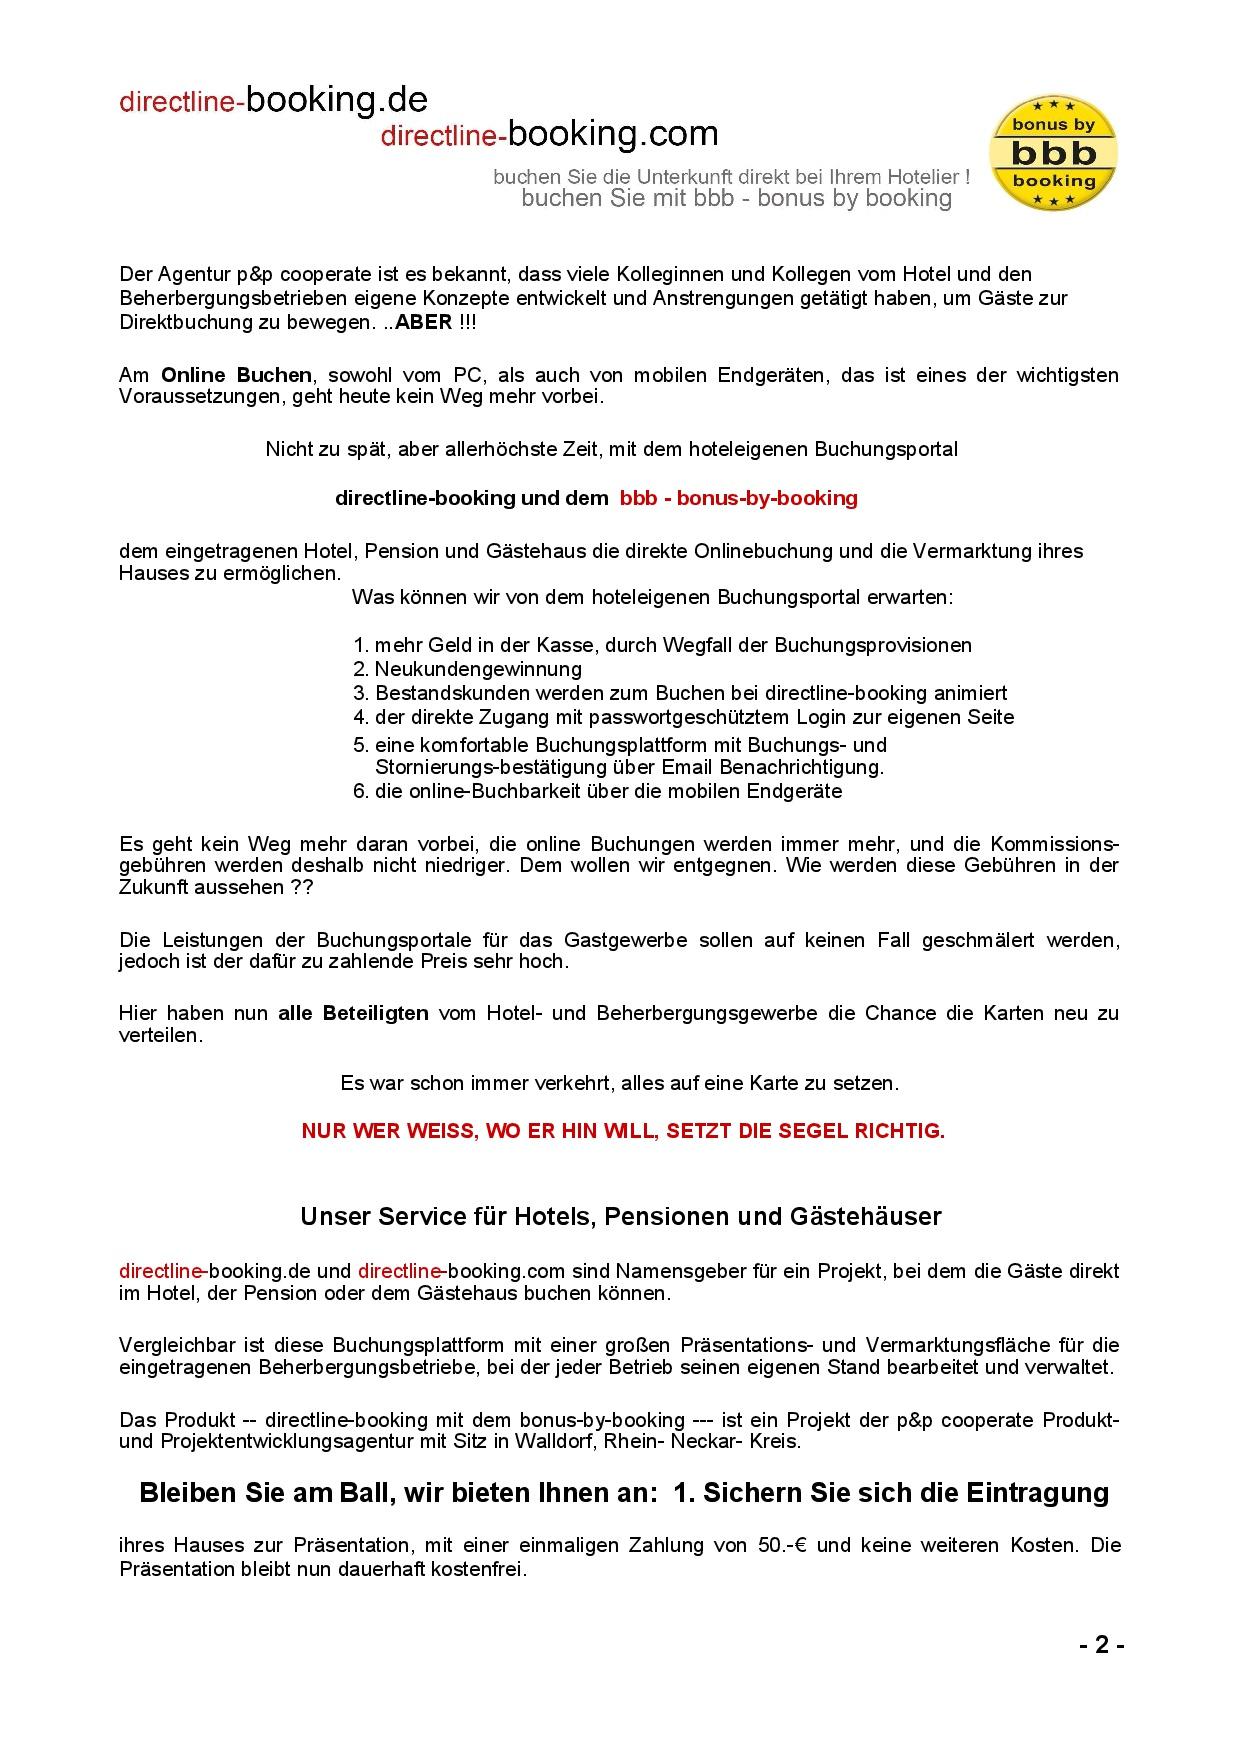 Directline Booking Com Buchen Sie Mit Bonus By Booking Direkt